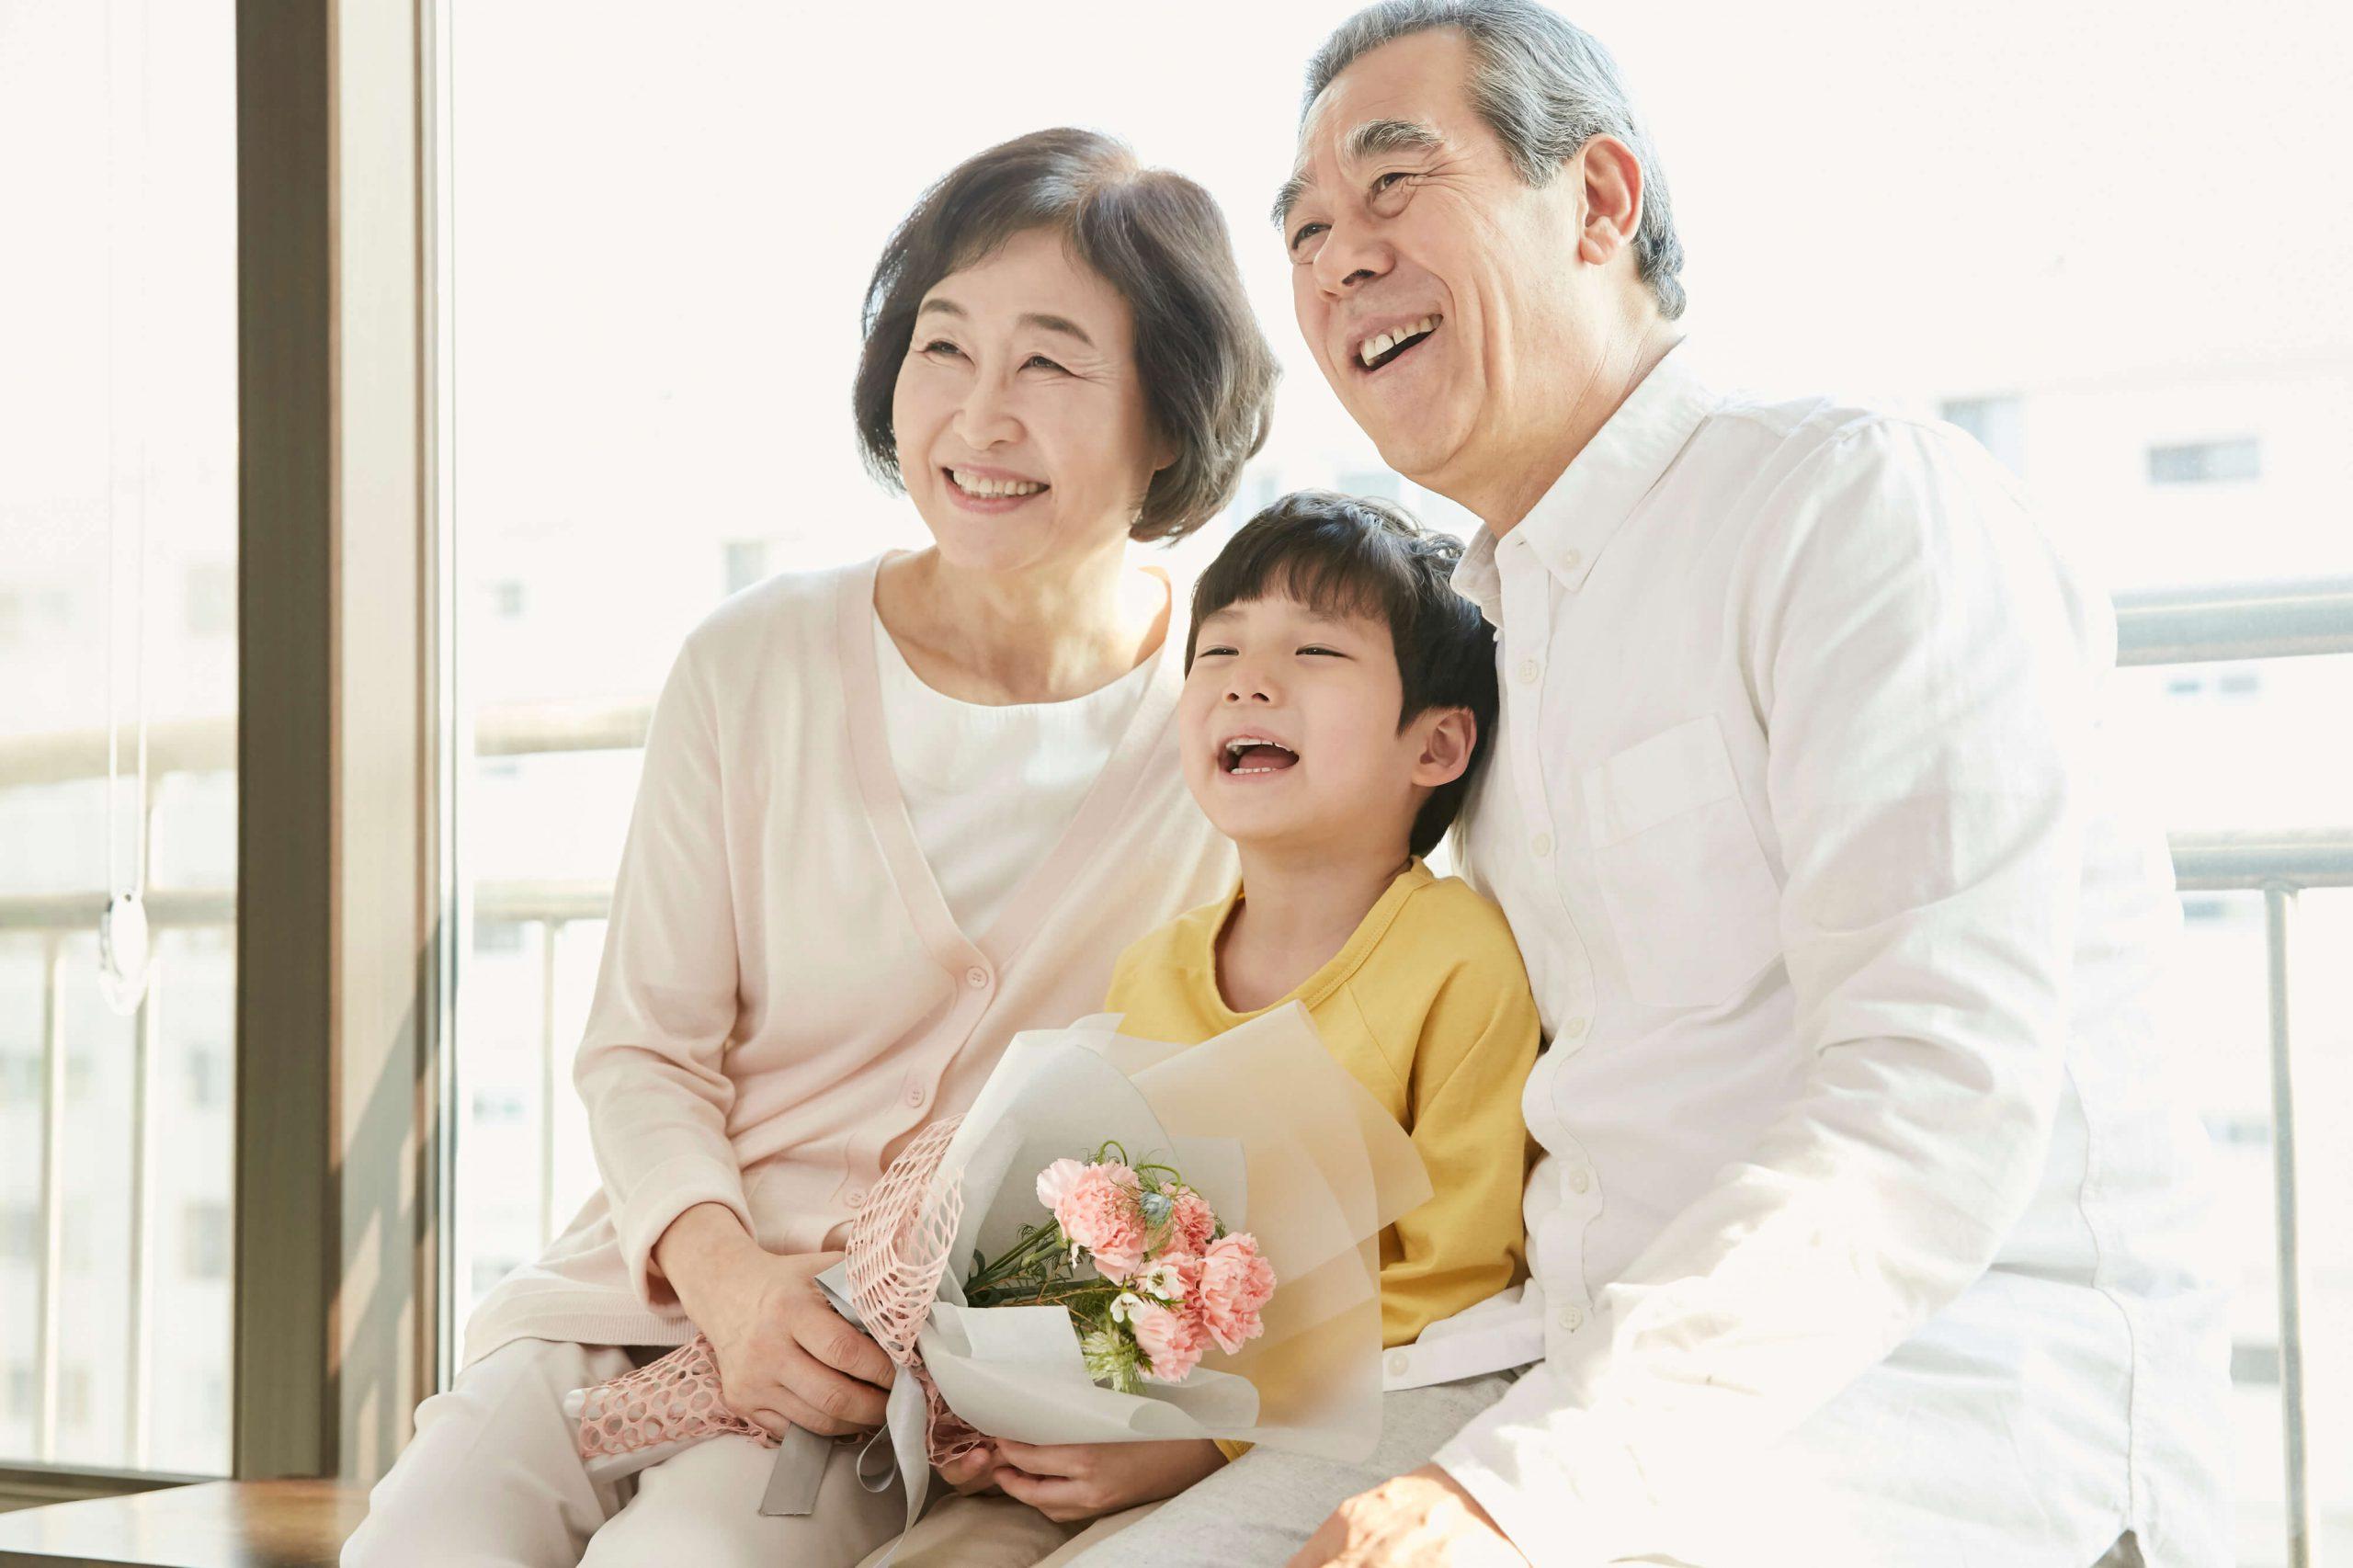 「生前贈与はかえって迷惑?」生前贈与のメリット・デメリット・注意点 - 相続オナヤミ相談 花沢事務所